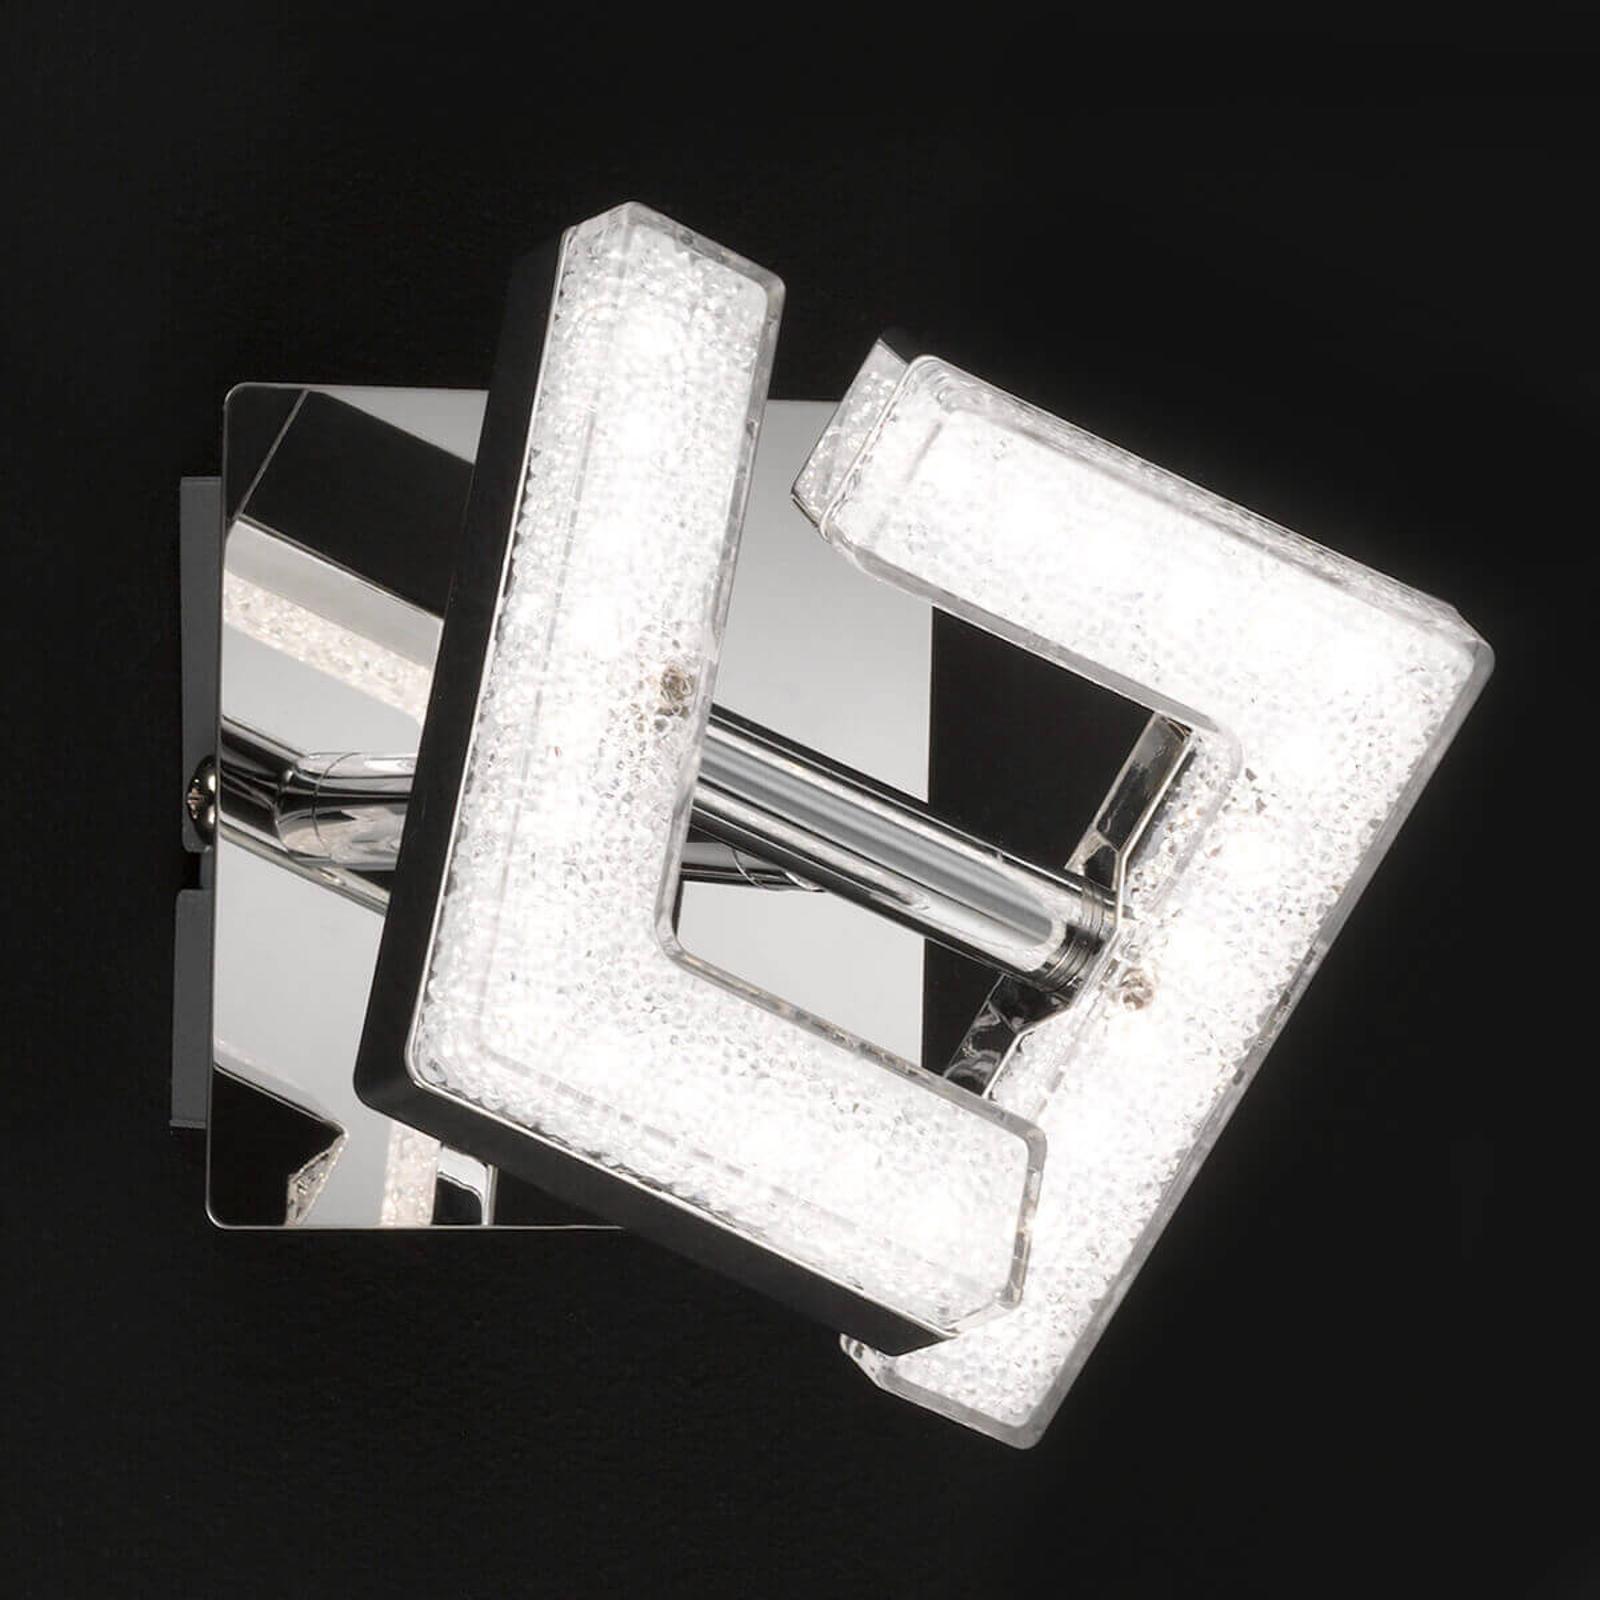 Kiltäväkrominen LED-seinävalaisin Lea, säädettävä